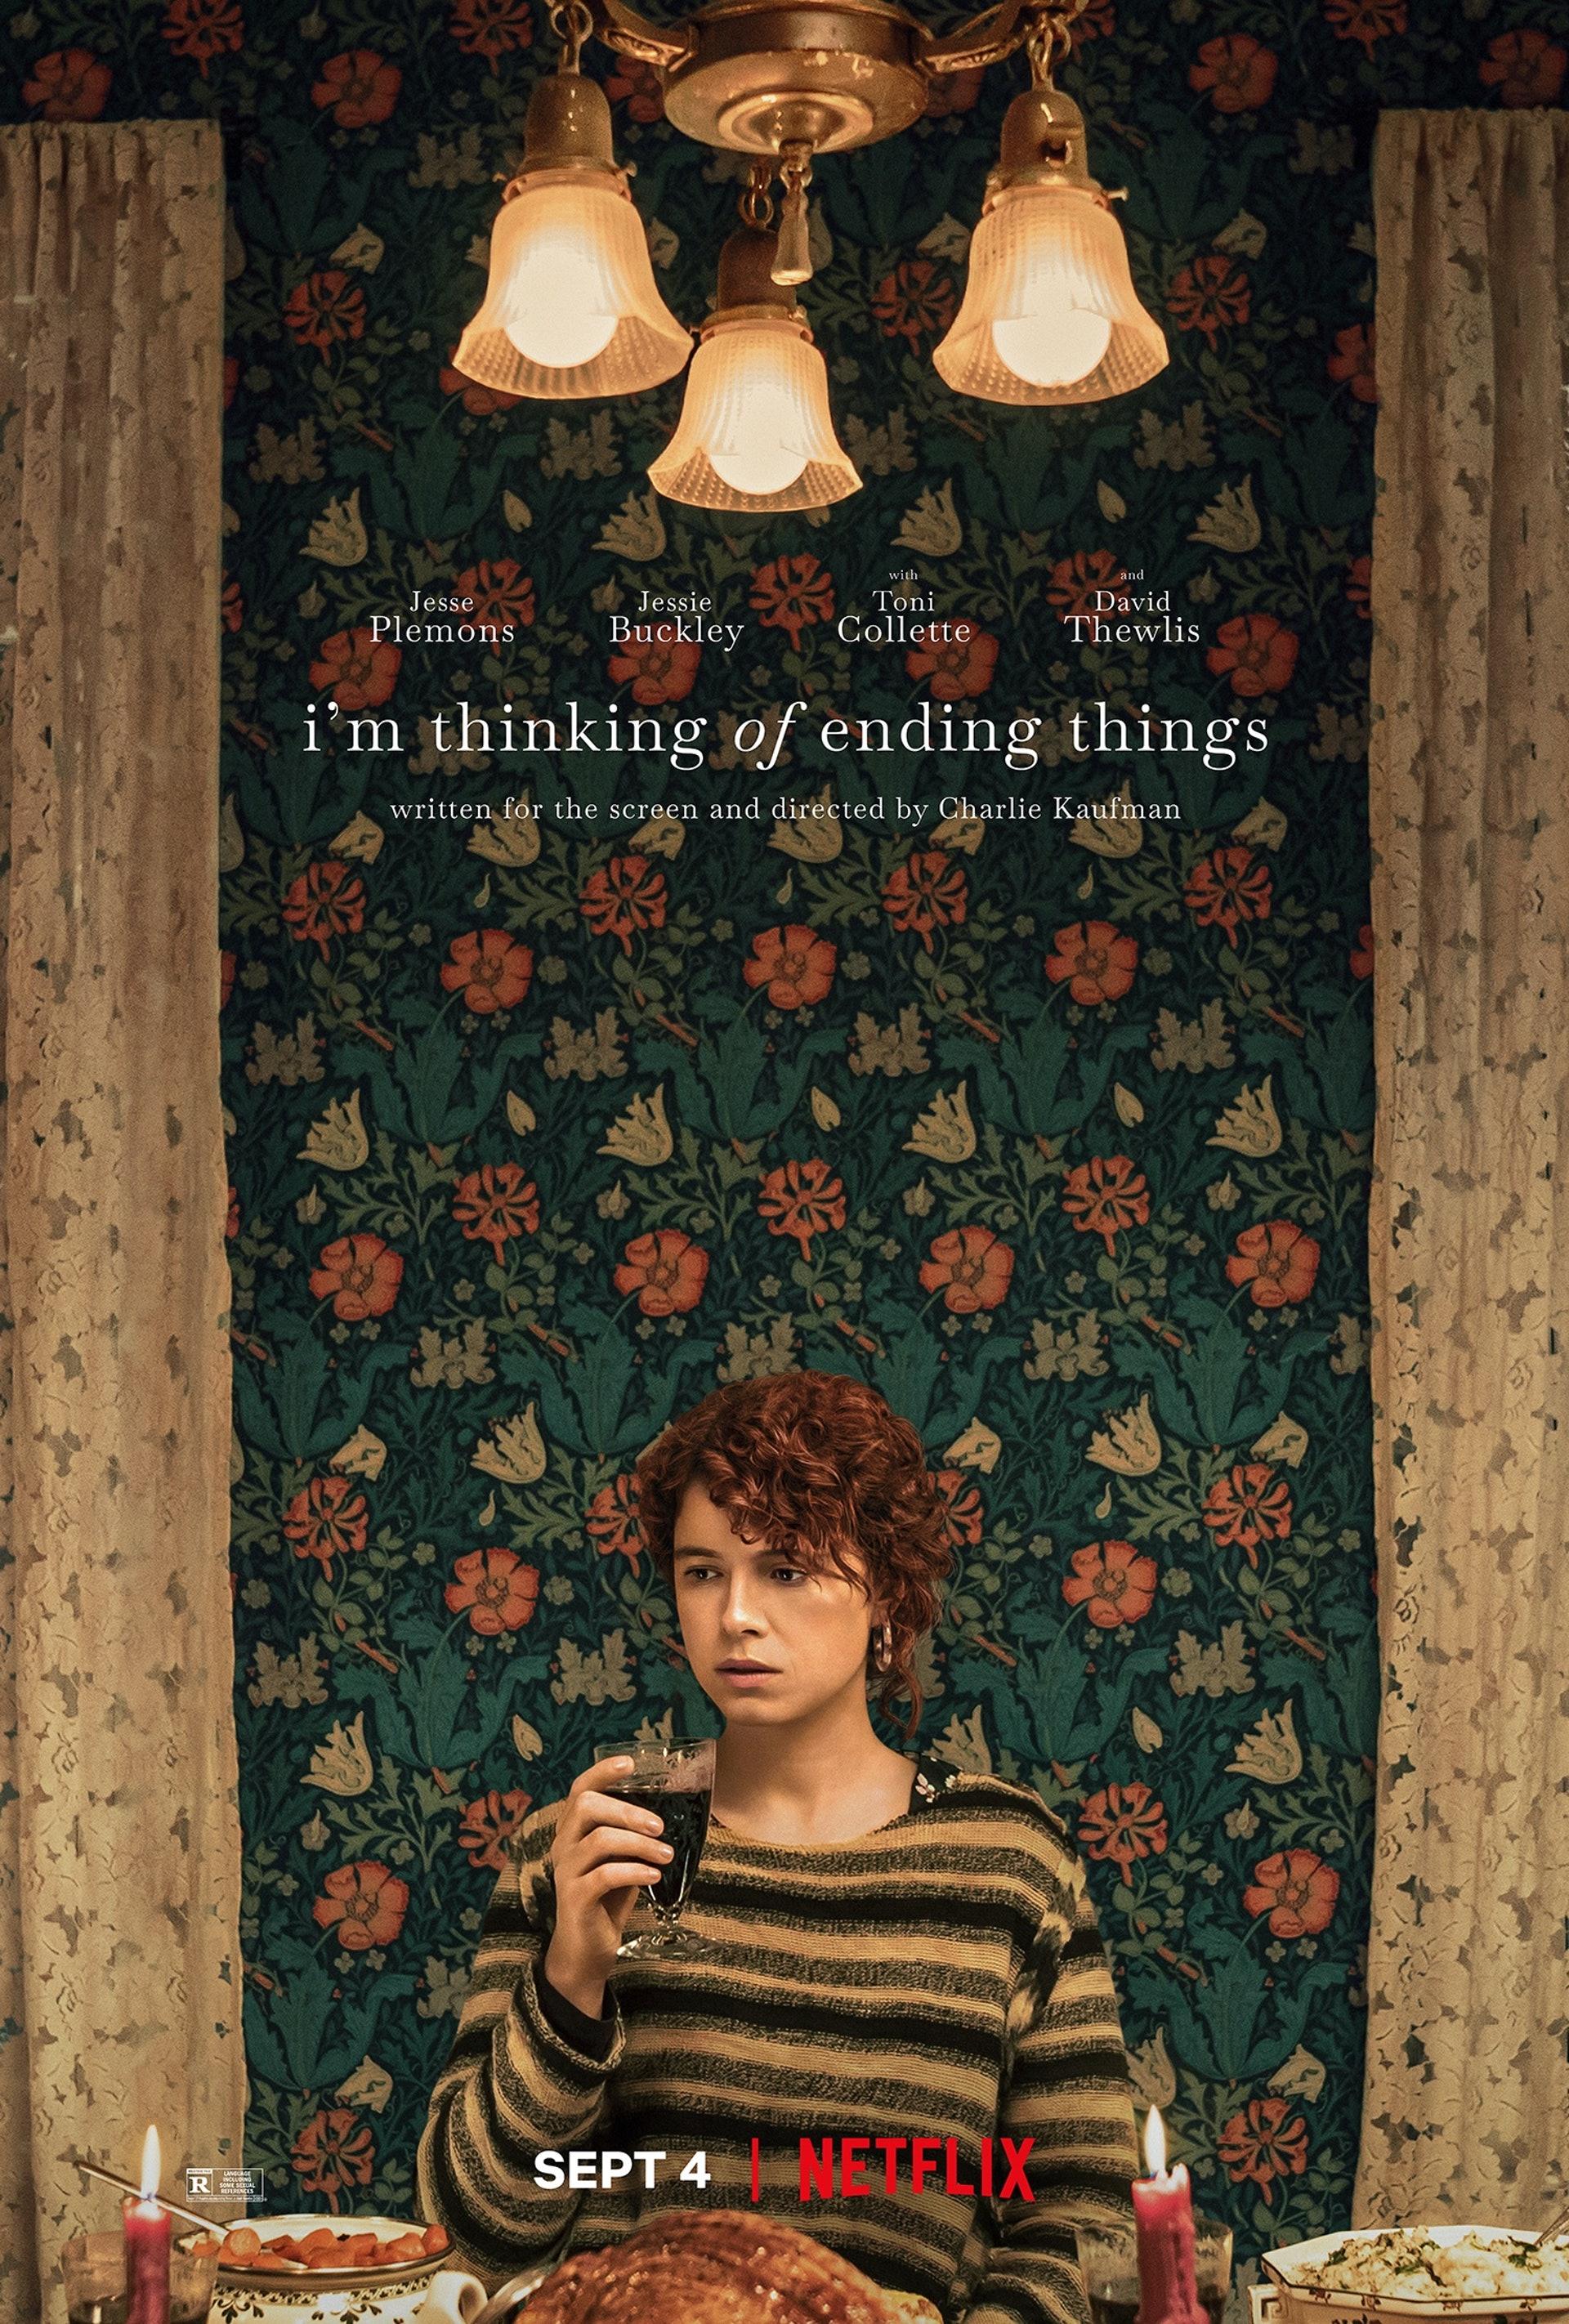 電影已於9月4日在Netflix上架。(Netflix圖片)